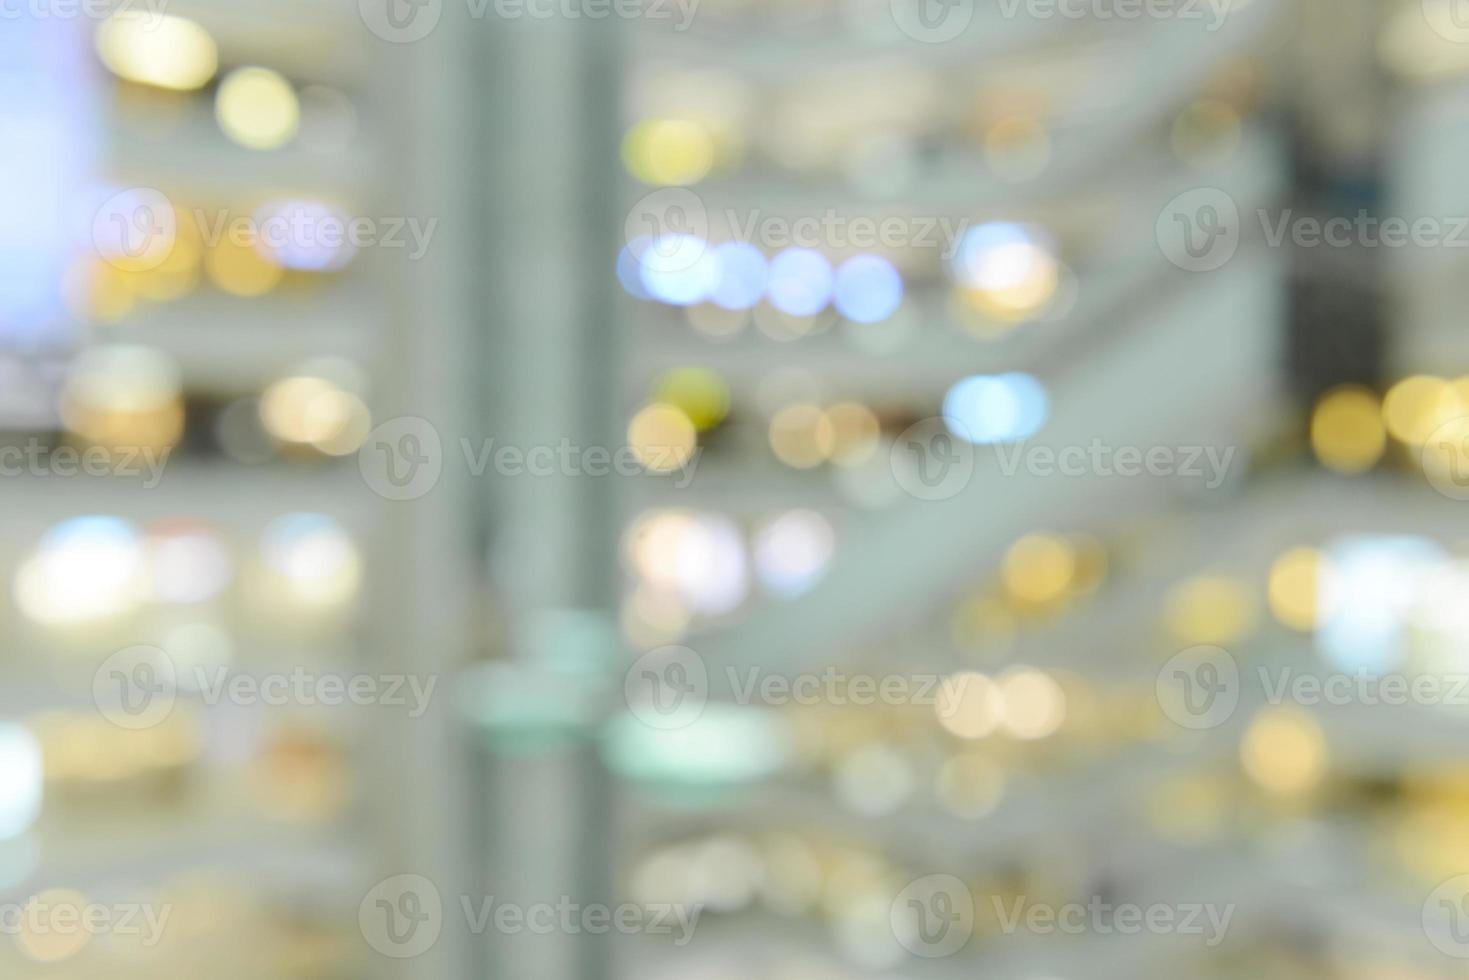 unscharfer Hintergrund des Einkaufszentrums. abstrakter Hintergrund des Einkaufszentrums. foto